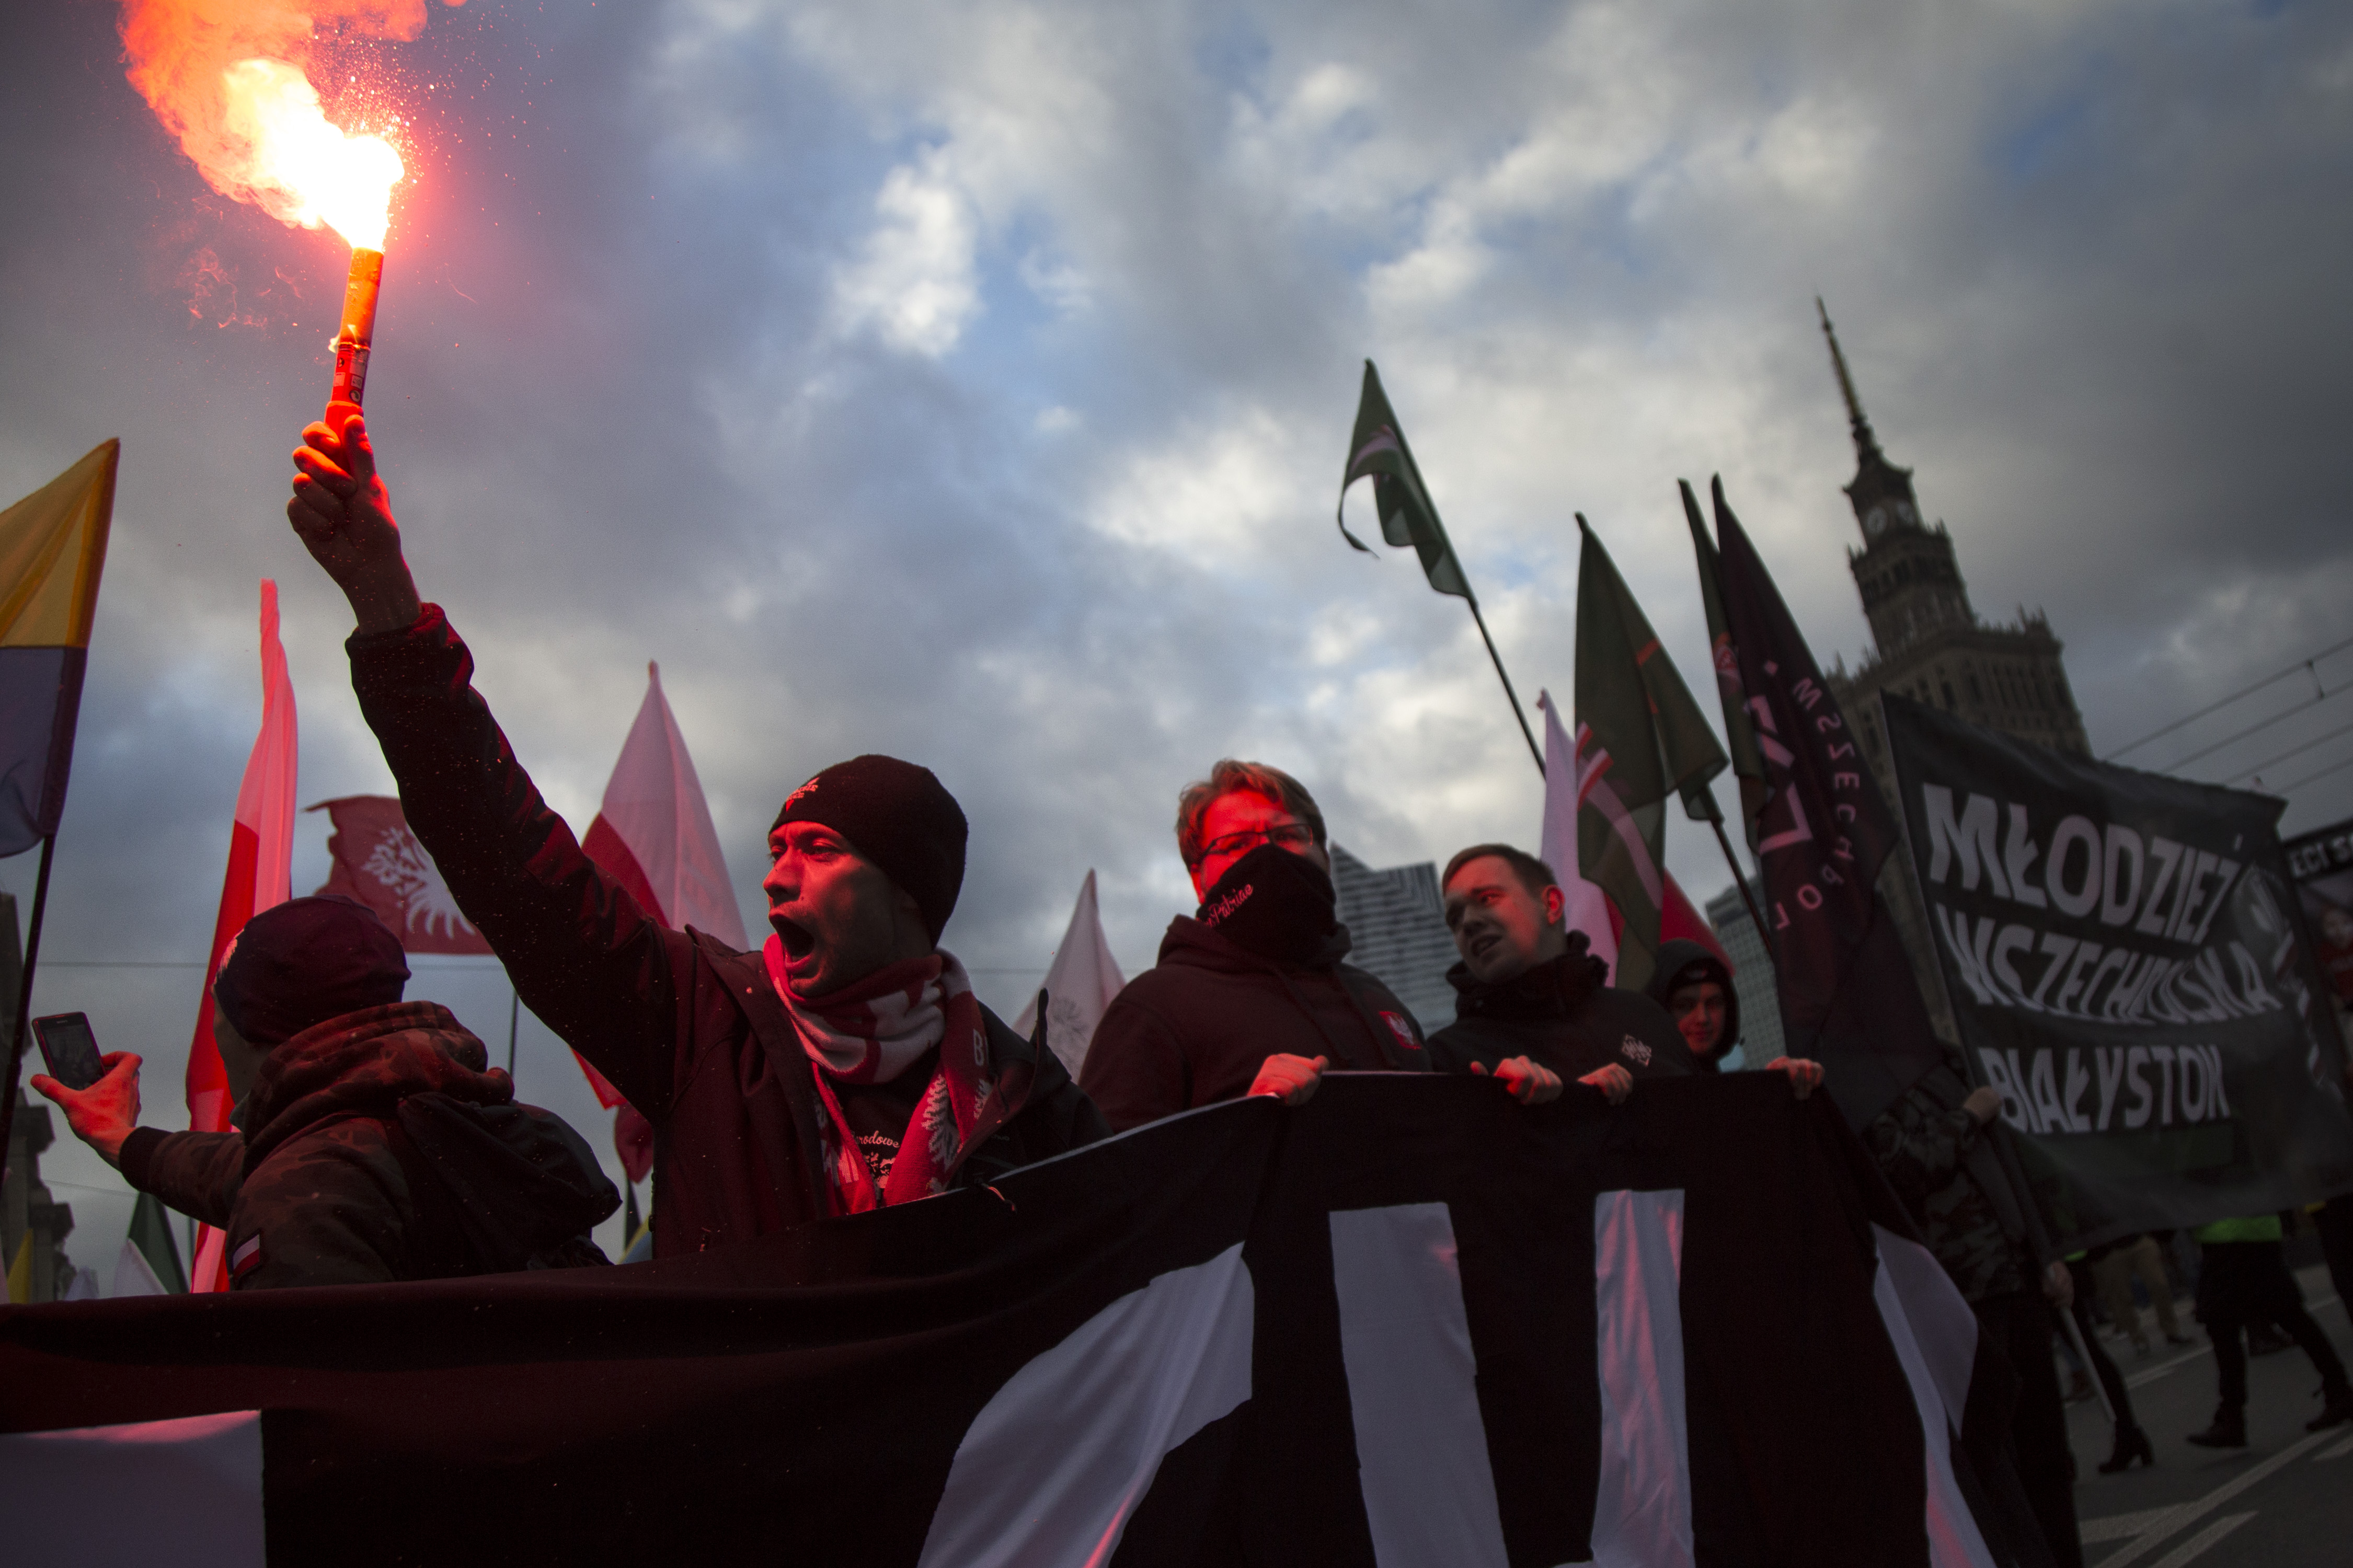 Varsó polgármestere betiltotta a szélsőjobbosok vonulását, ezért a kormány állami rendezvényként tartja meg a függetlenségi menetet